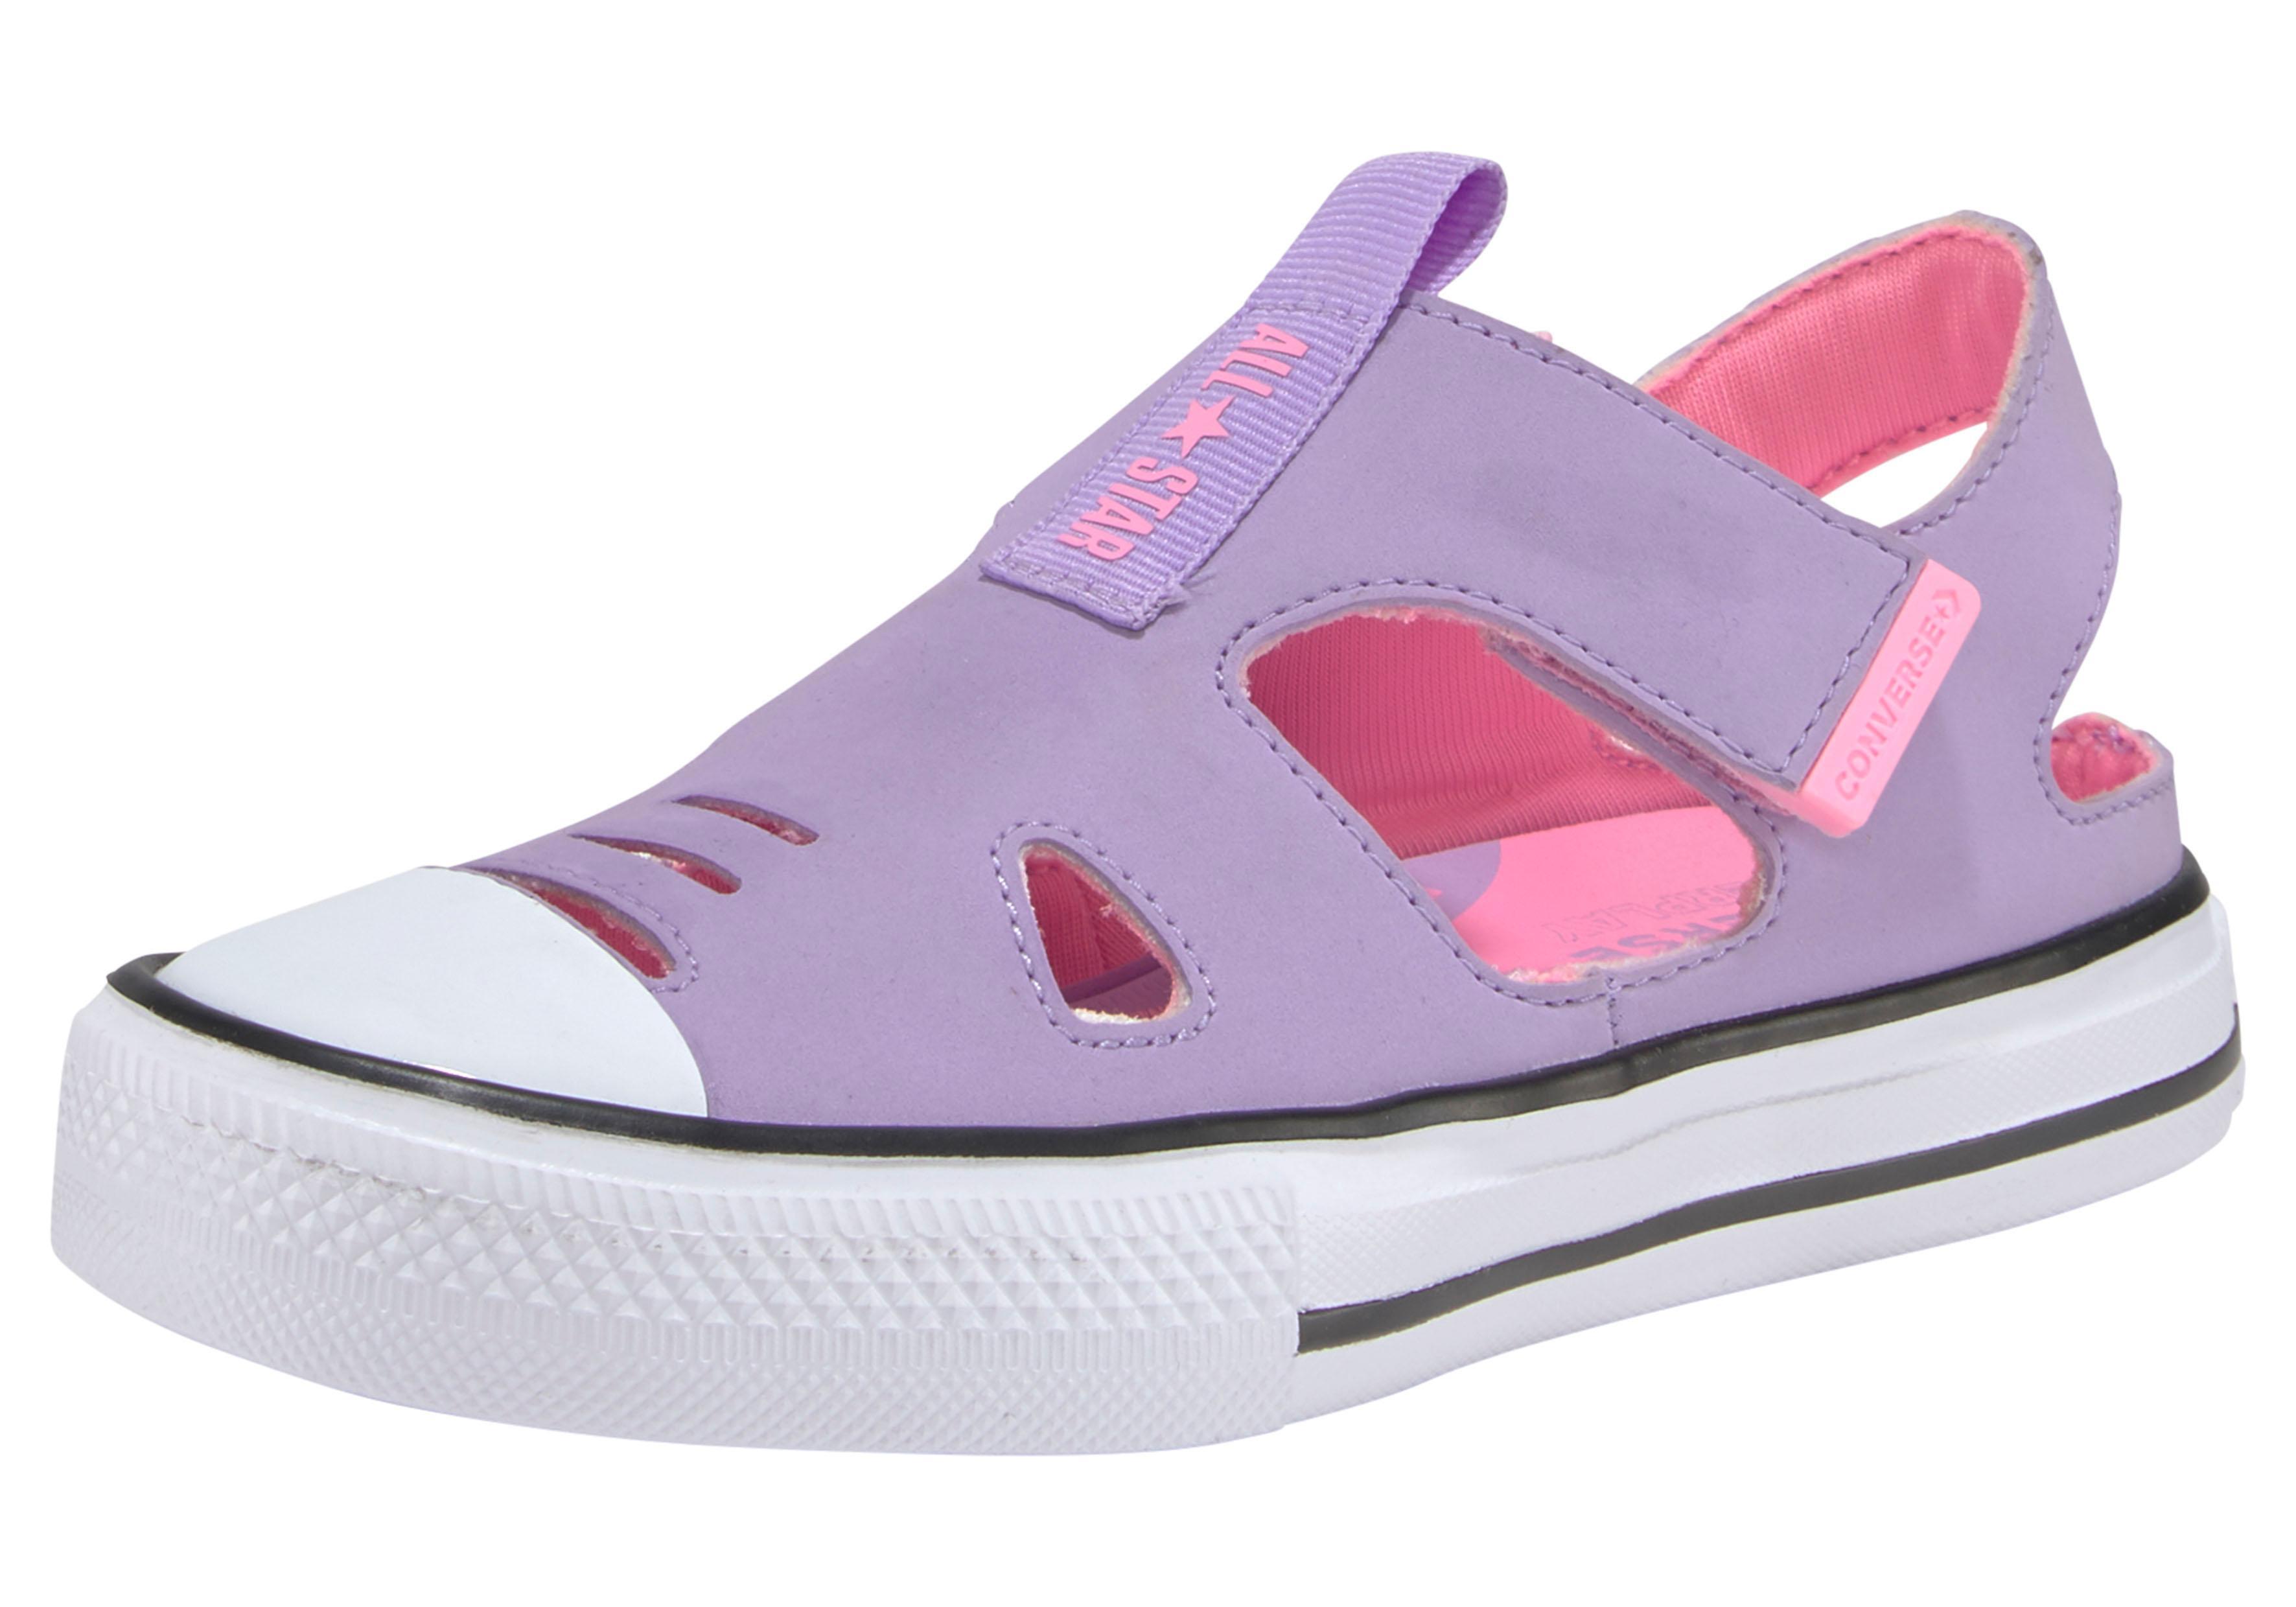 0b69a1797b Bildquelle: Converse Sandale »Chuck Taylor All Star Superplay Sandal«